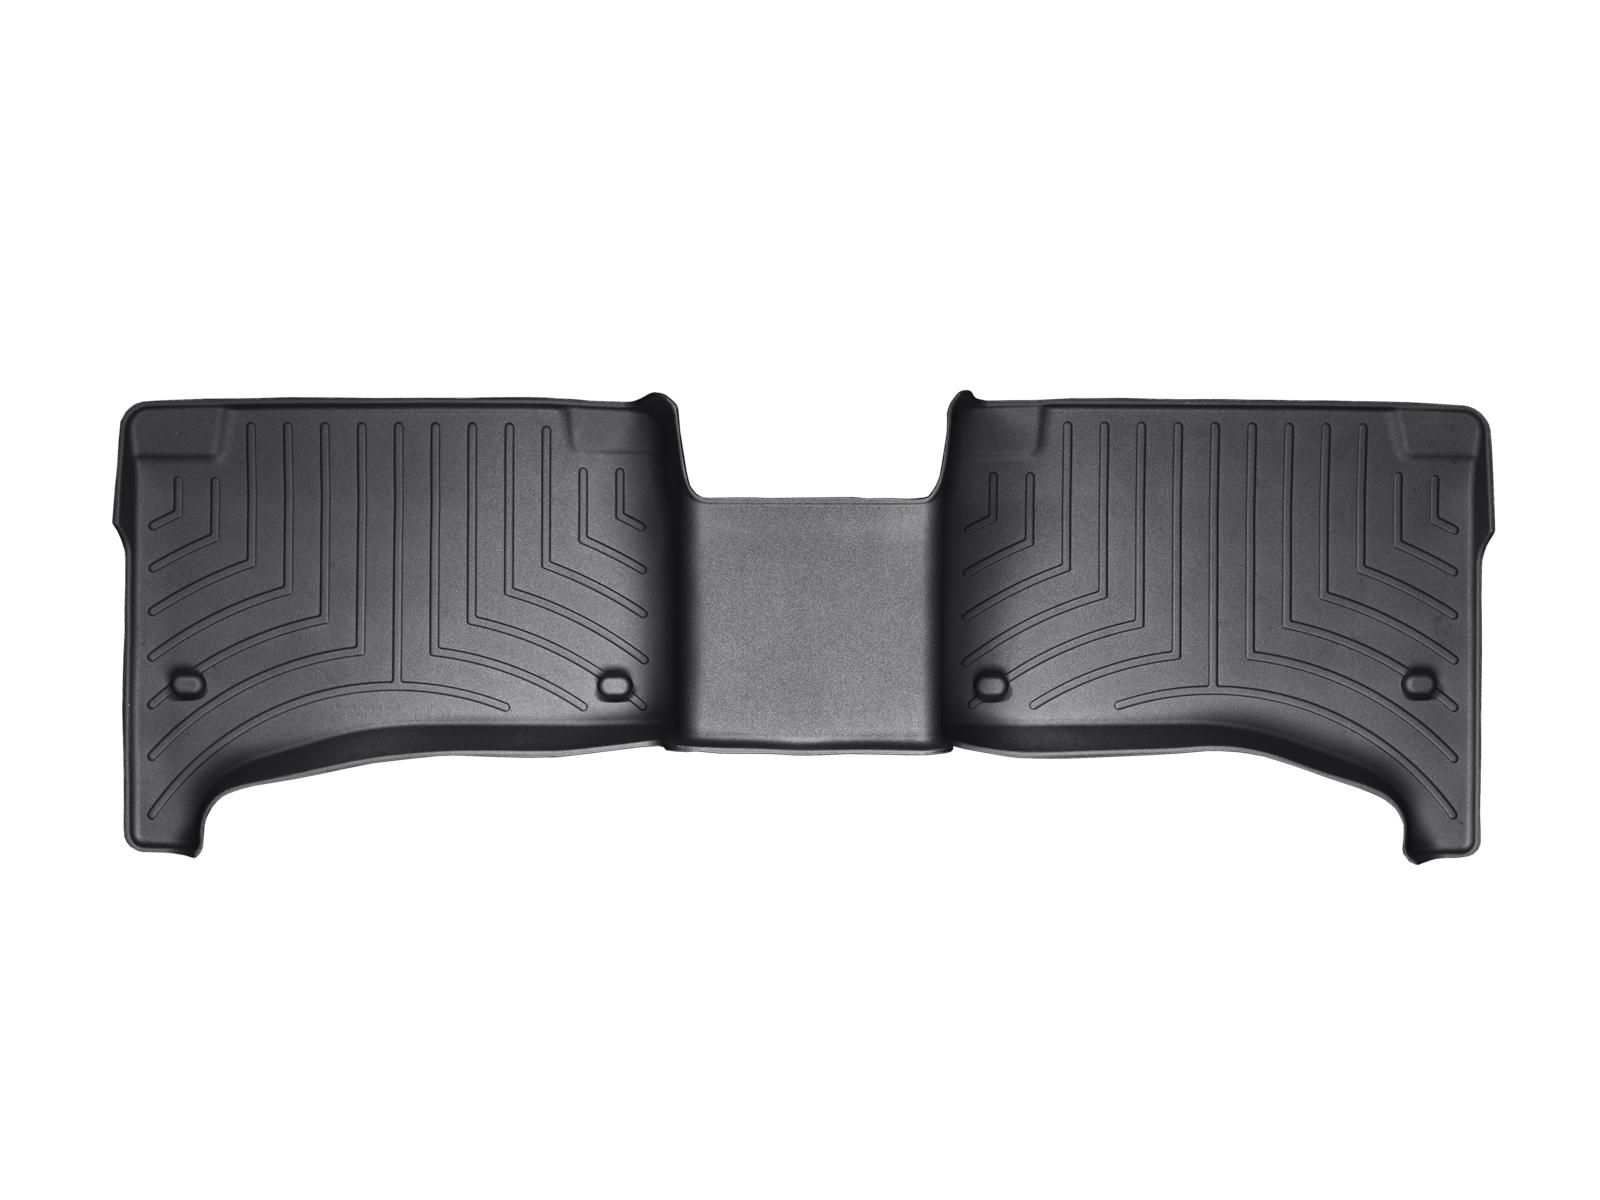 Tappeti gomma su misura bordo alto Volkswagen Touareg 10>10 Nero A4327*